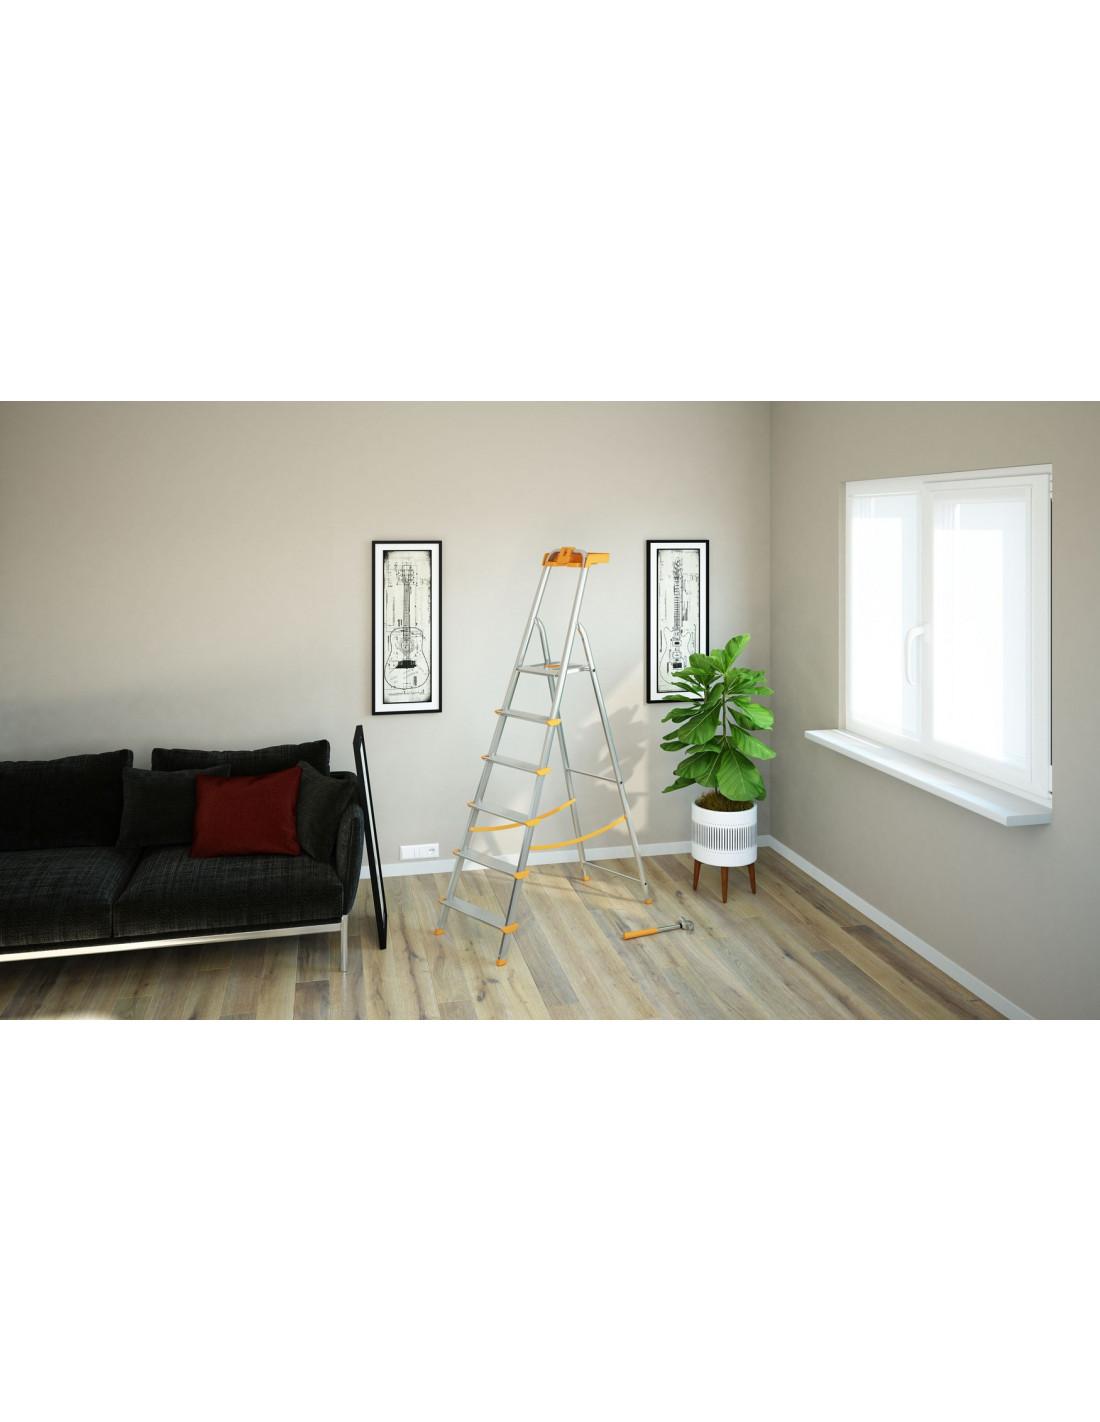 colombo escabeau attica 6 marches hyper brico. Black Bedroom Furniture Sets. Home Design Ideas